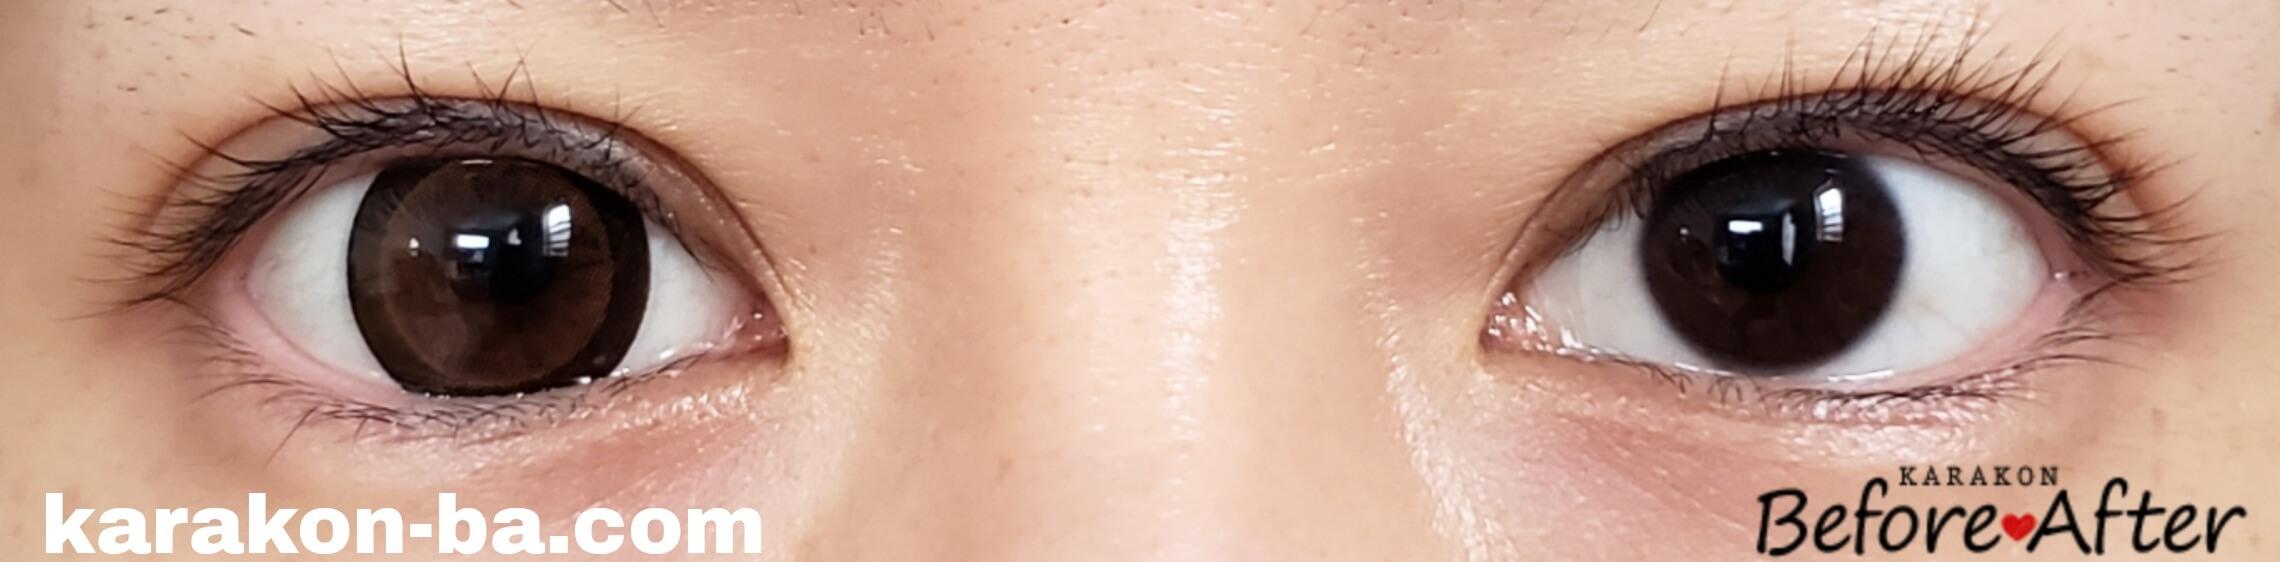 No.3ブラウンのカラコン装着画像/裸眼と比較